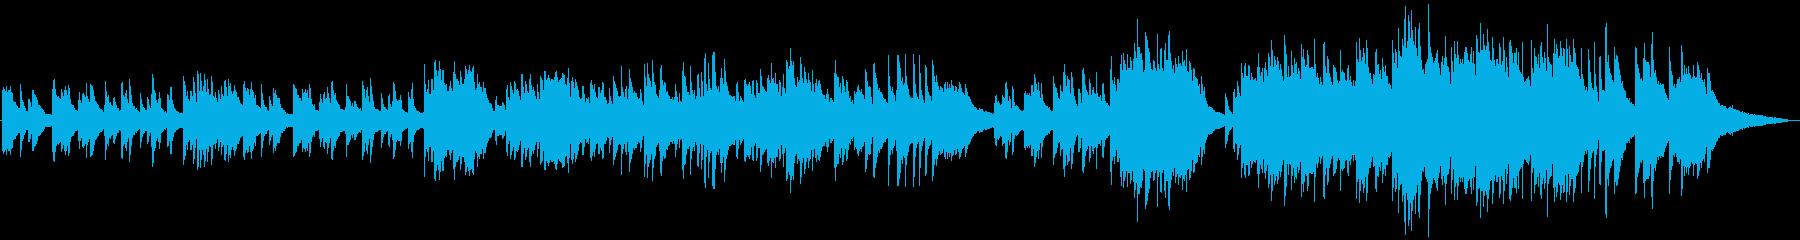 ほろ苦い大人の恋愛ピアノ曲の再生済みの波形